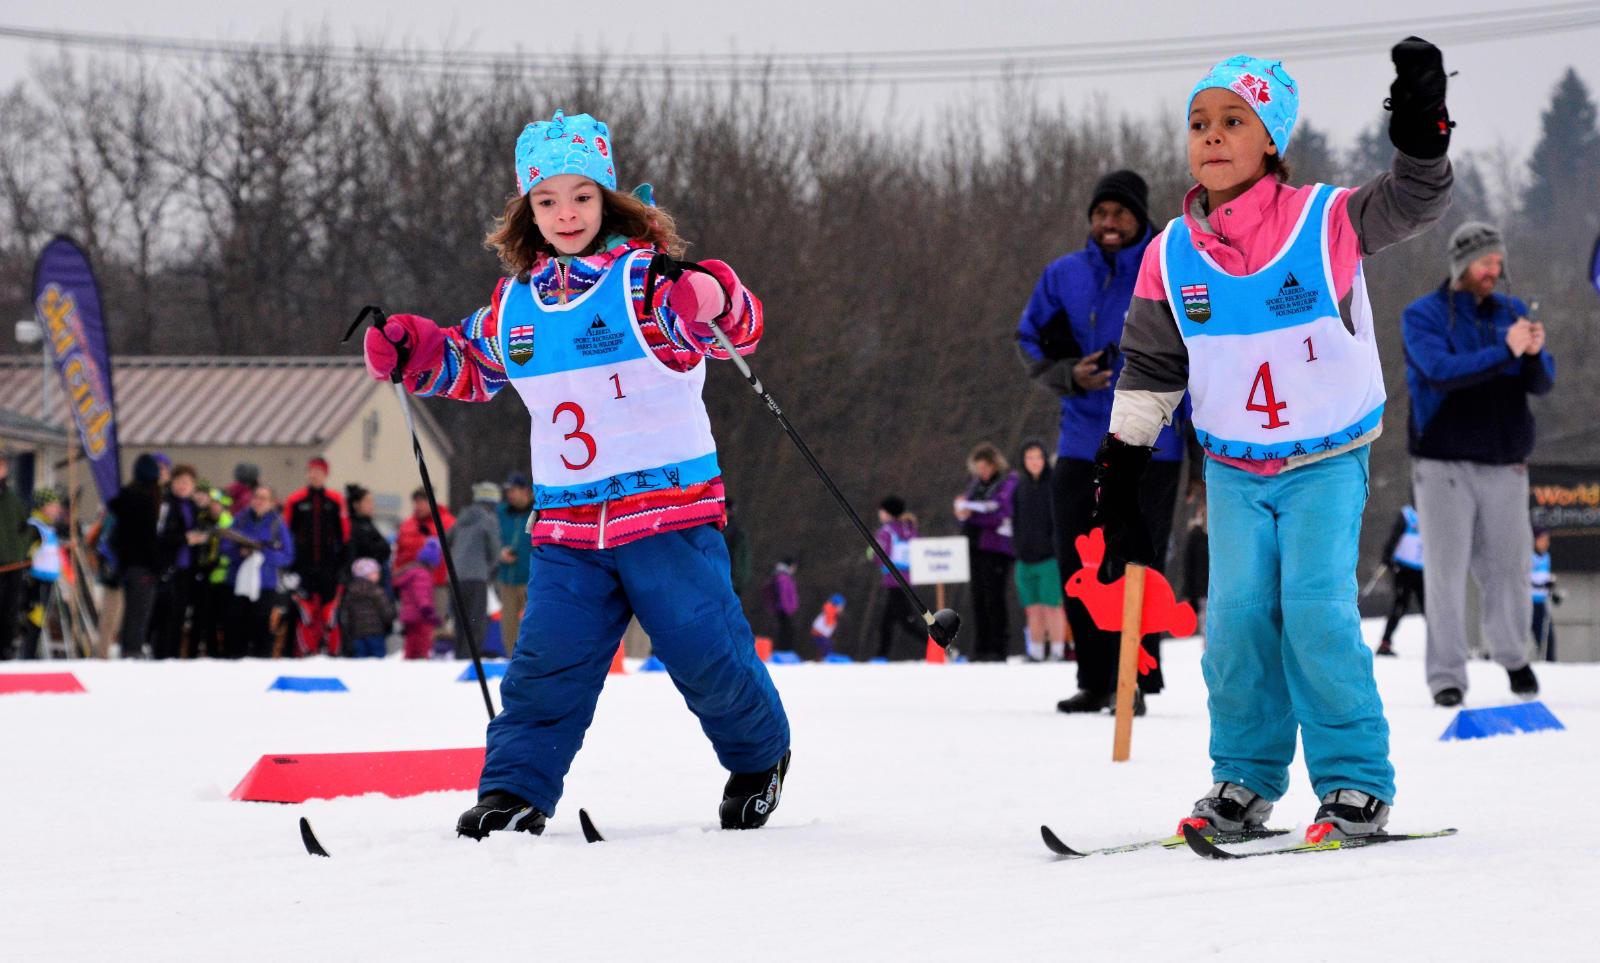 Kids in the JackRabbits ski program